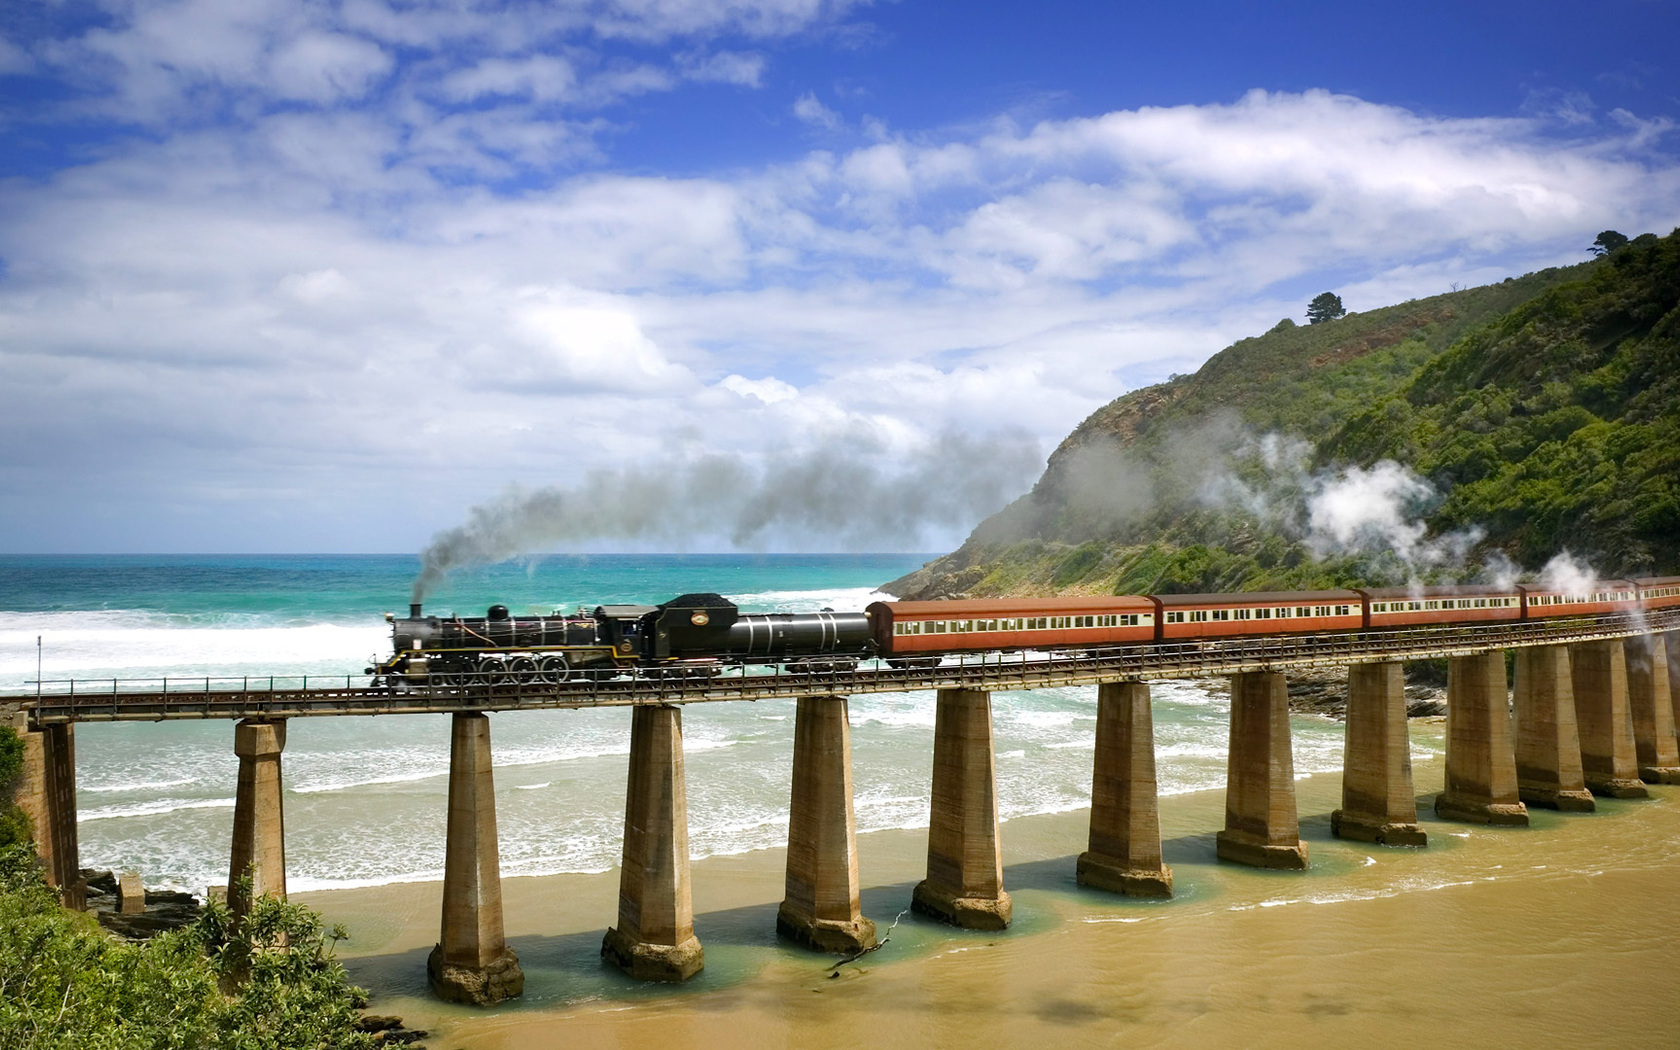 36863壁紙のダウンロード輸送, 列車-スクリーンセーバーと写真を無料で